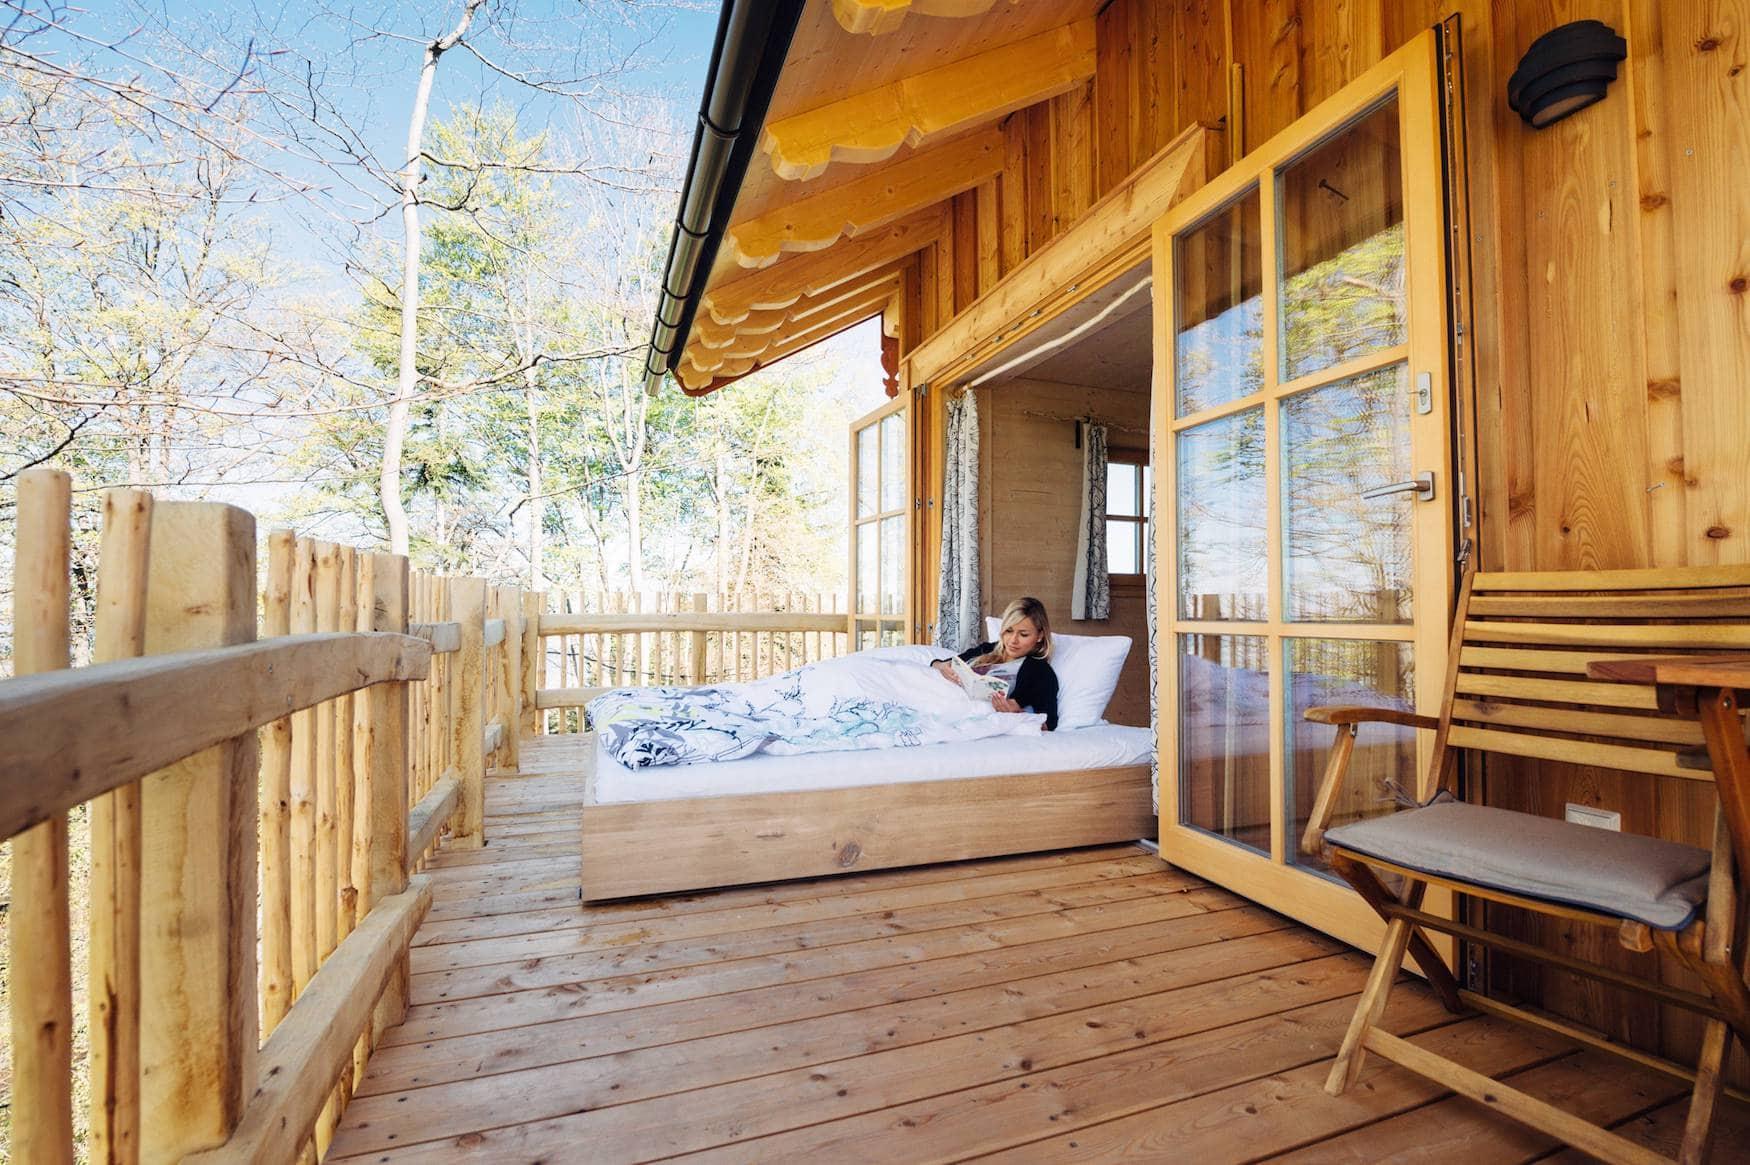 Schlafen unter freiem Himmel im Baumhaus Samerberg